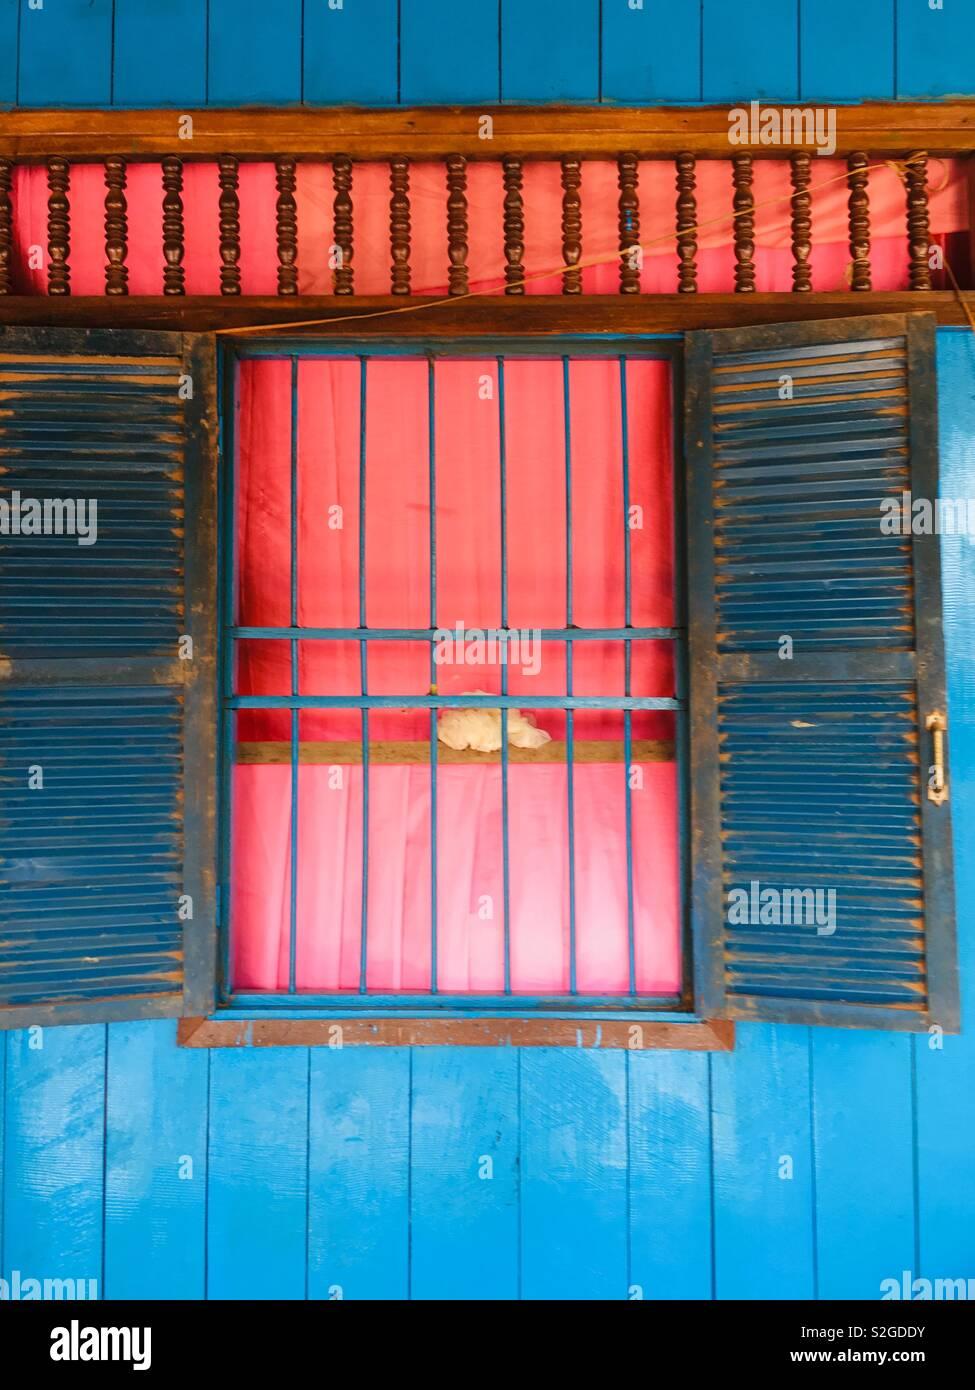 Ventana con rejilla de metal y tiempo gastado persianas establecido en una colorida casa de madera pintada. Camboya El Sudeste asiático Foto de stock